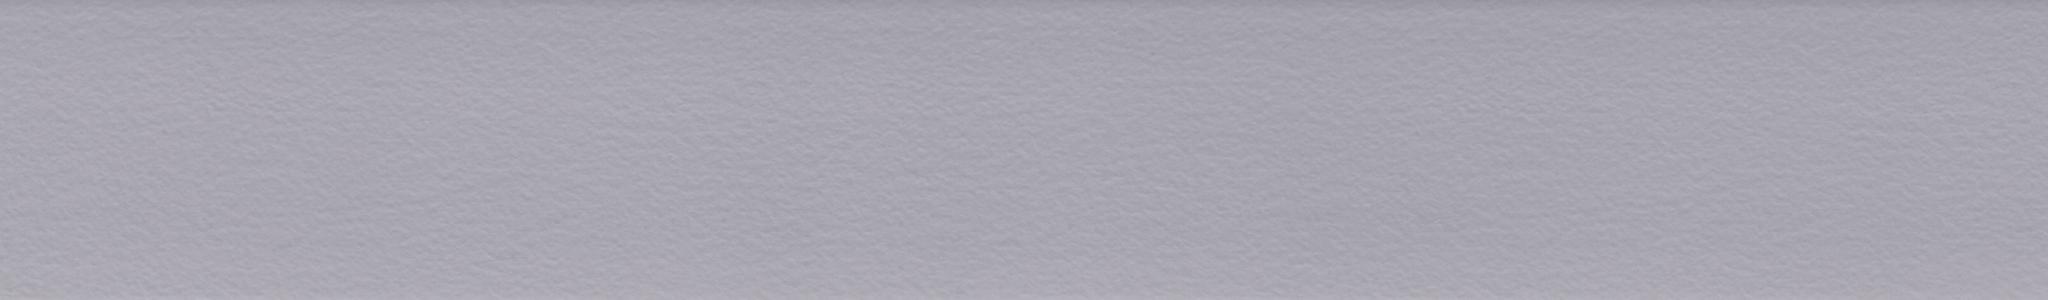 HU 157505 ABS hrana fialová perla jemná 107